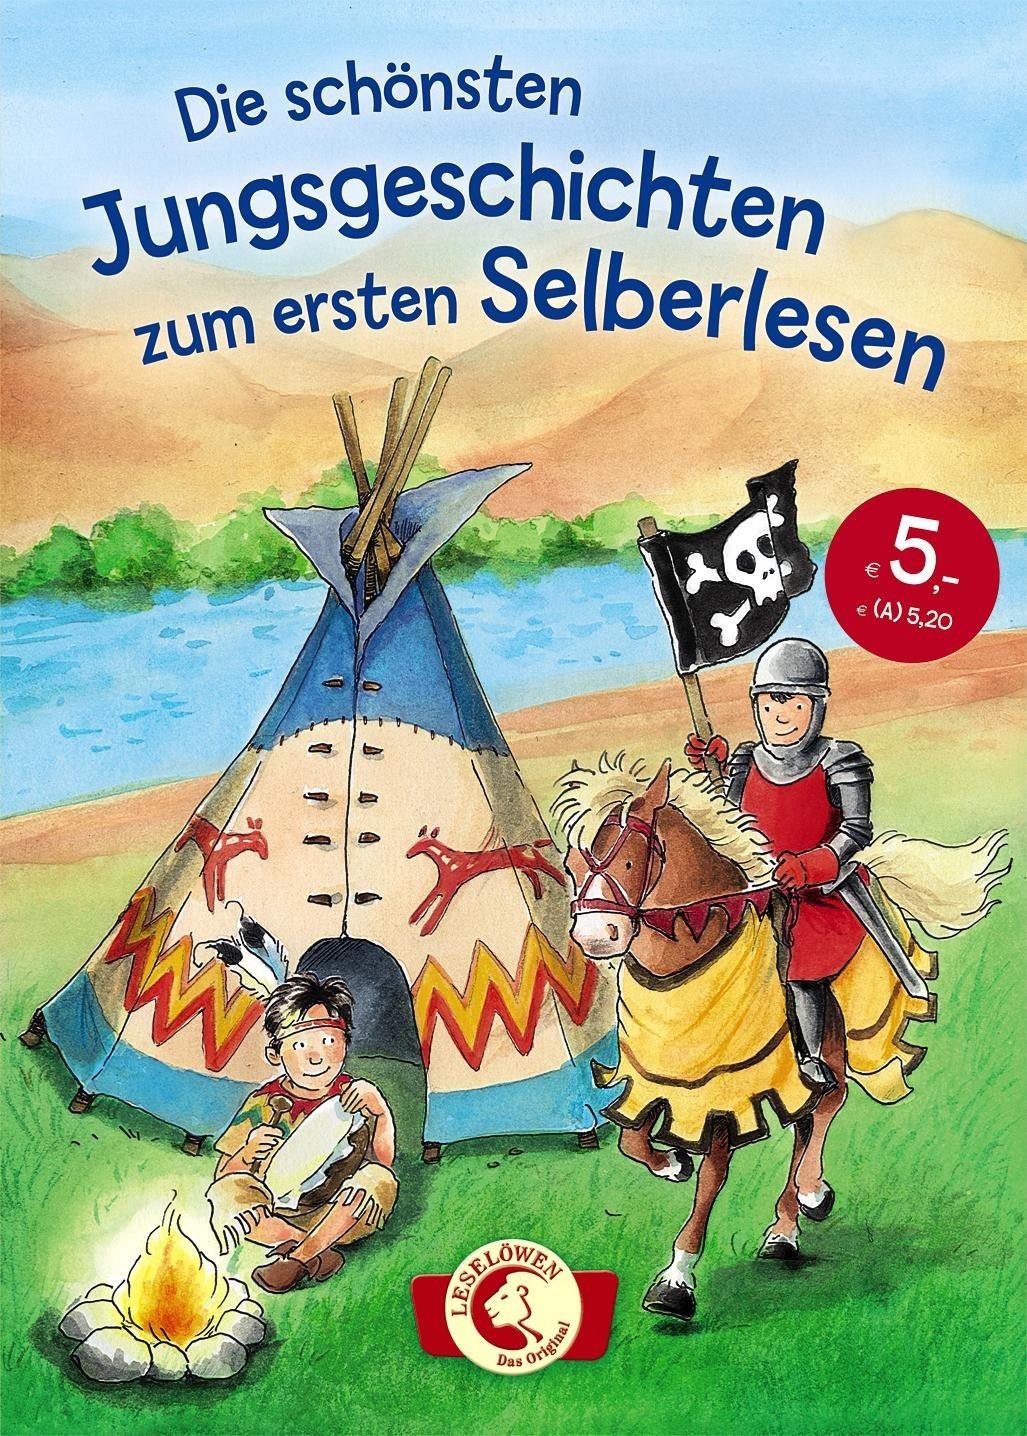 Image of Leselöwen - Das Original: Die schönsten Jungsgeschichten zum ersten Selberlesen (Katja Reider, Thilo, Julia Boehme)